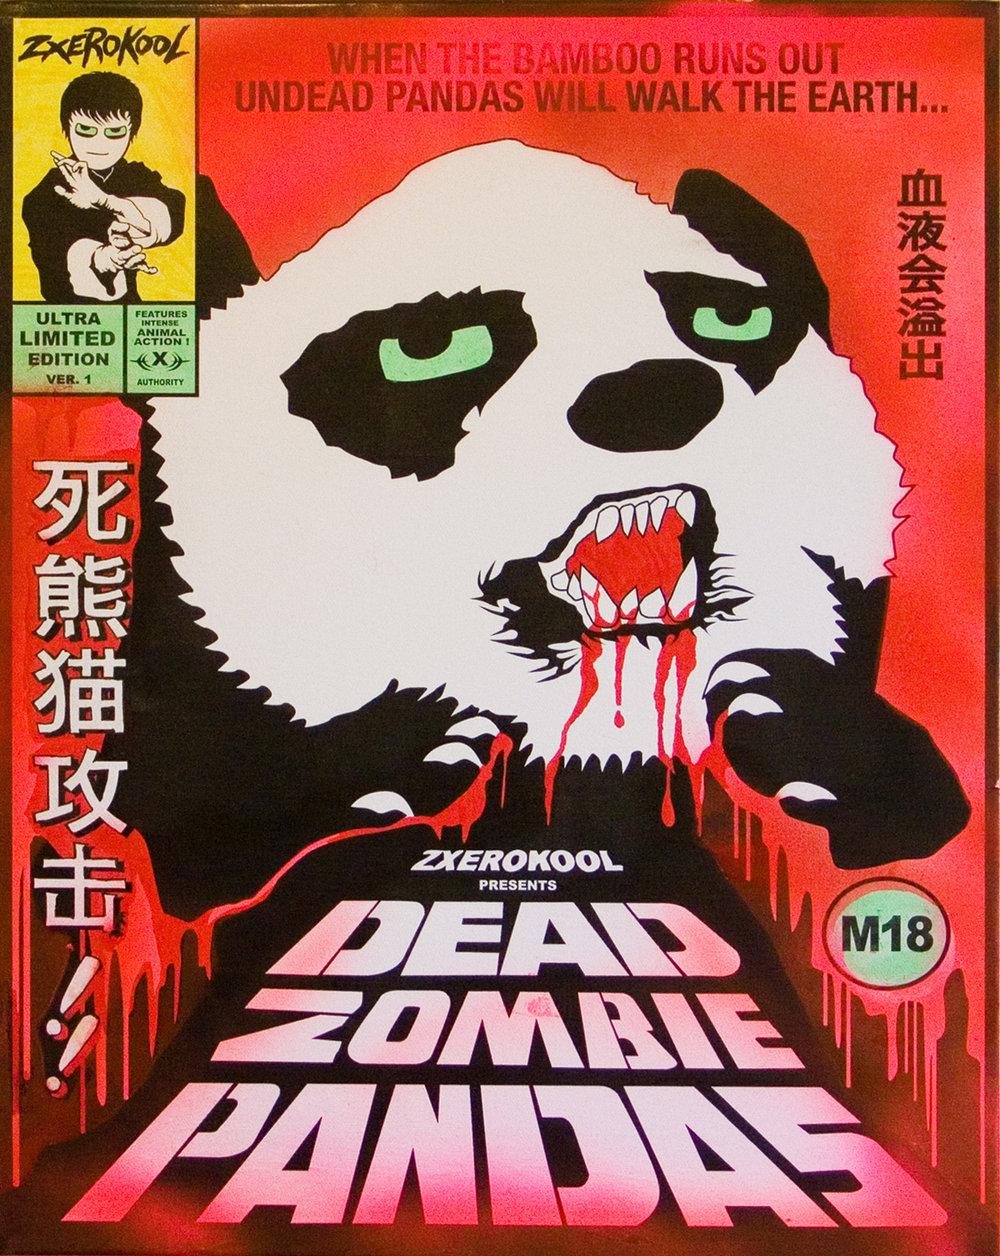 Dead Zombie Pandas